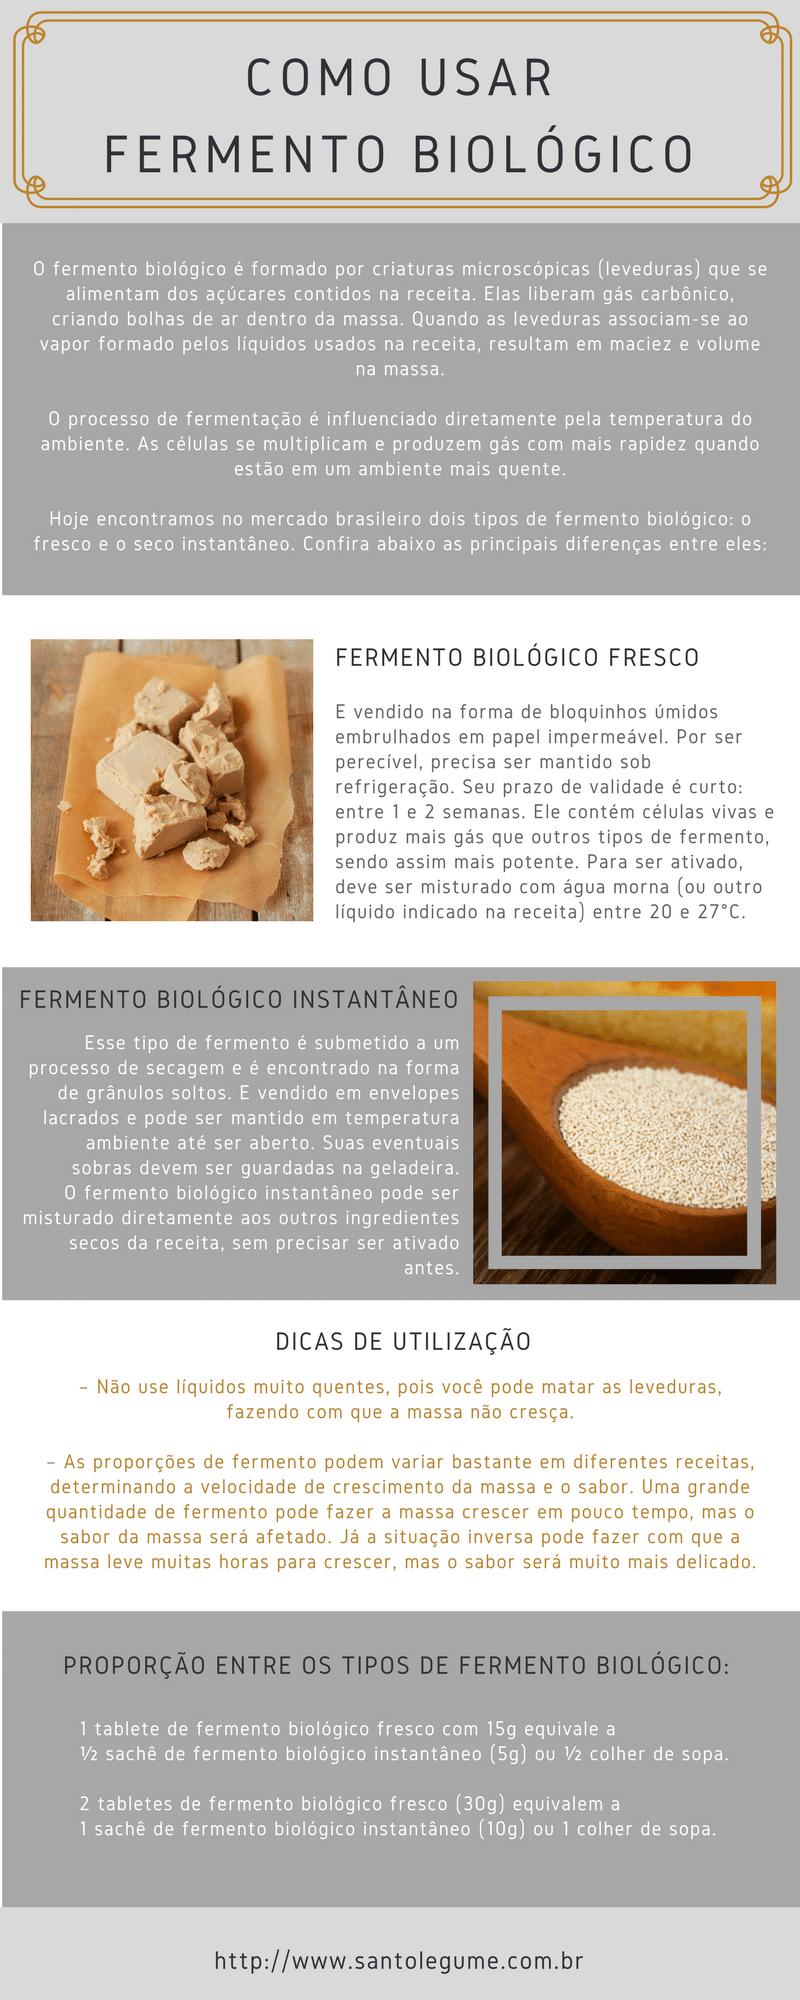 Como usar fermento biólogico fresco e instantâneo